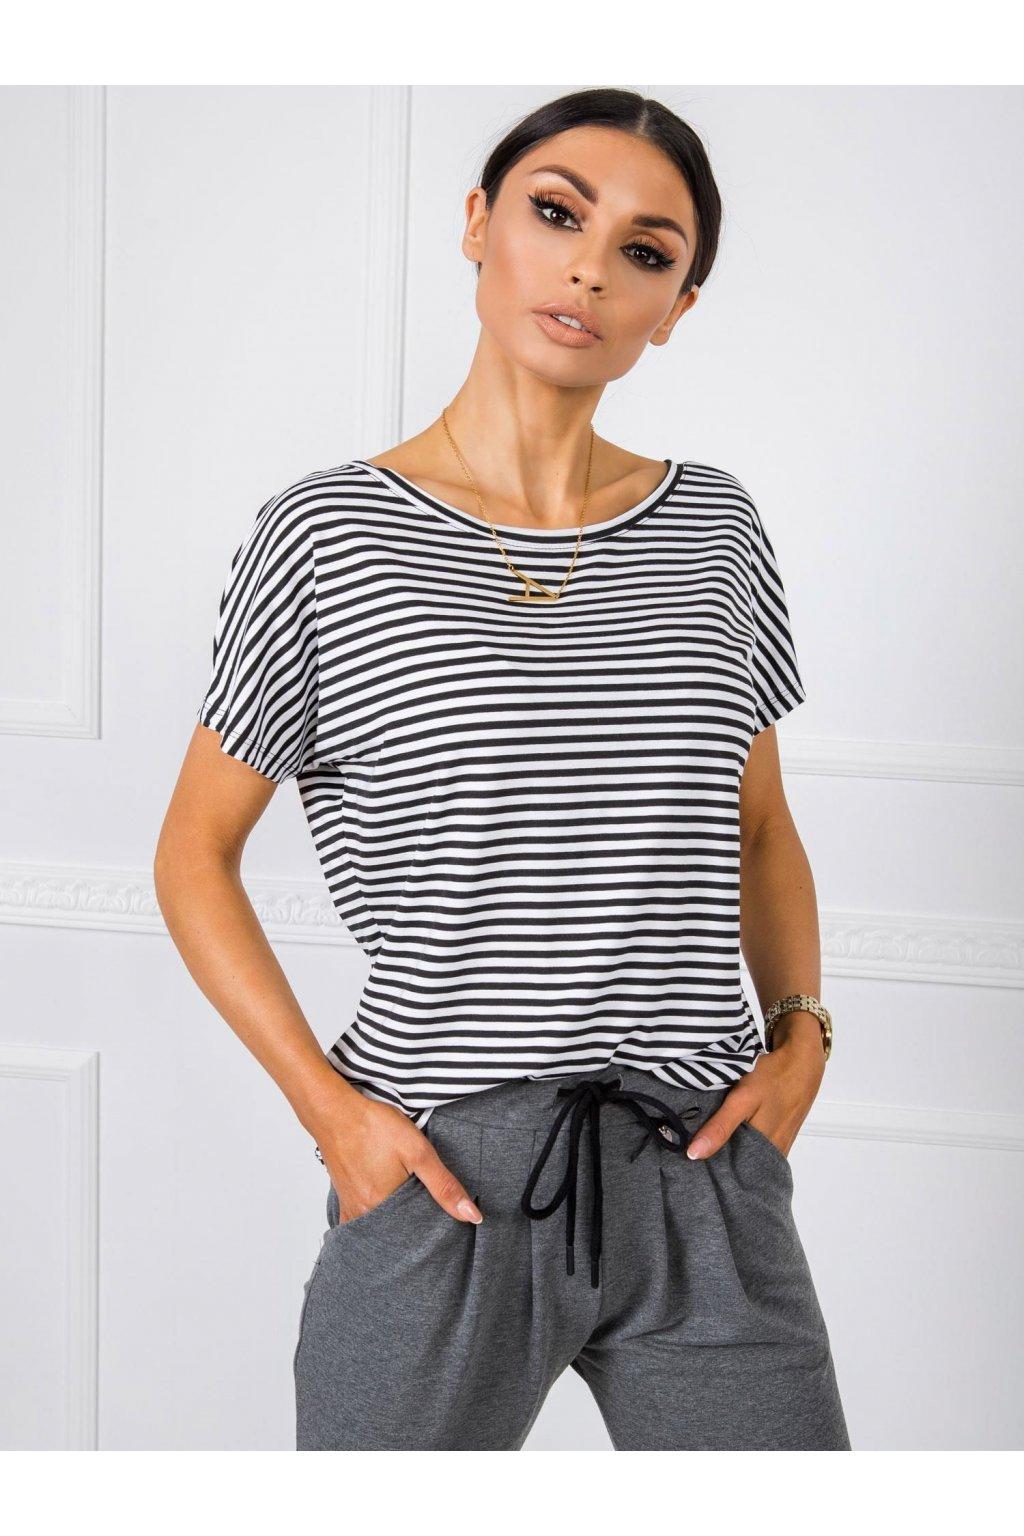 pol pl Bialo czarny t shirt Gina RUE PARIS 348050 1